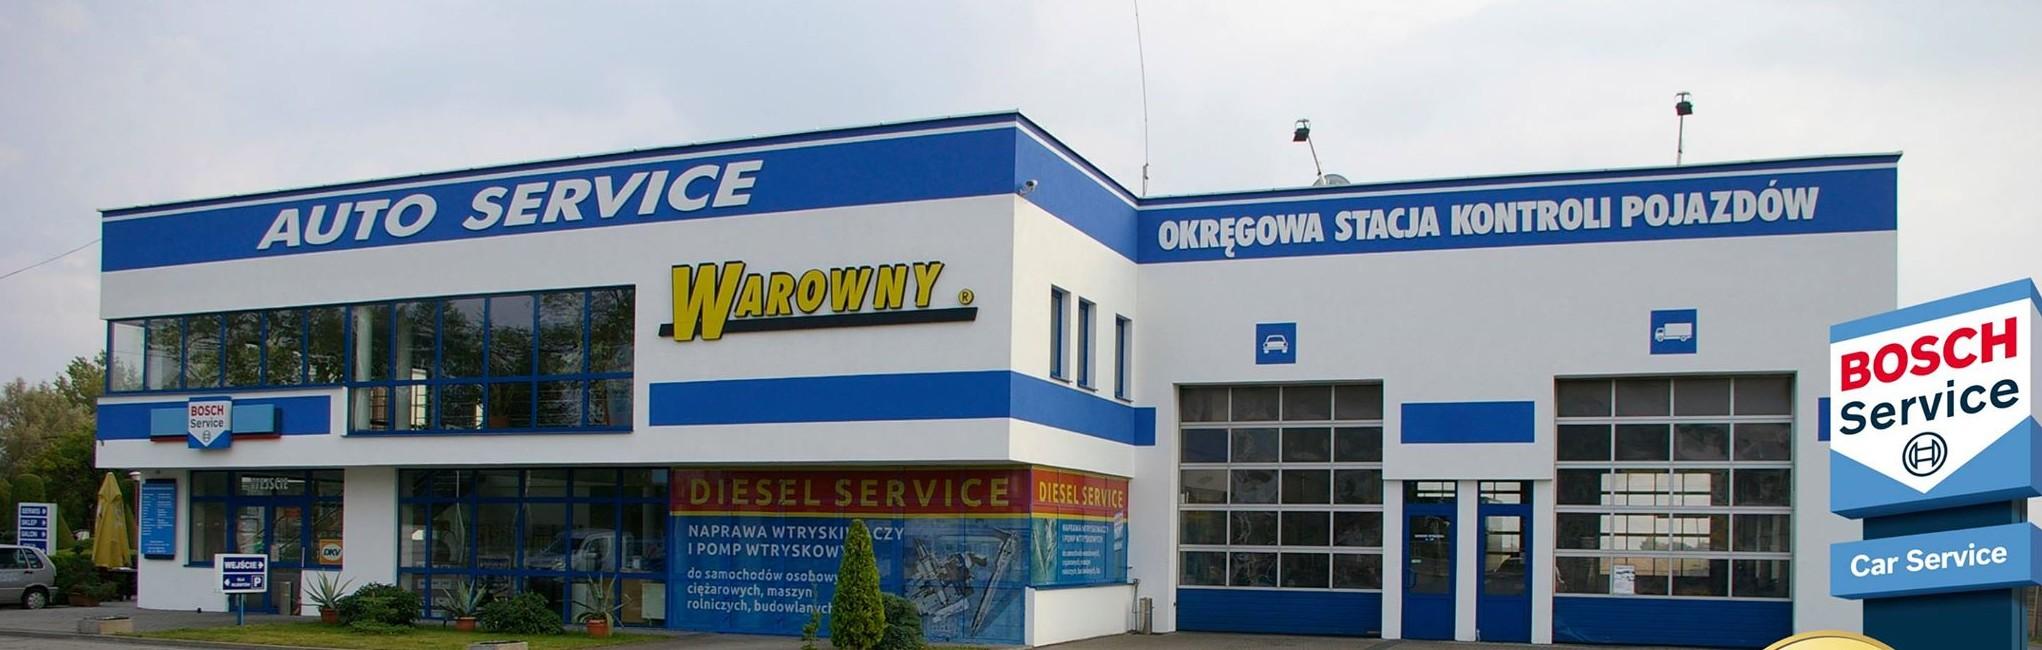 Auto Service Warowny Sp. J.